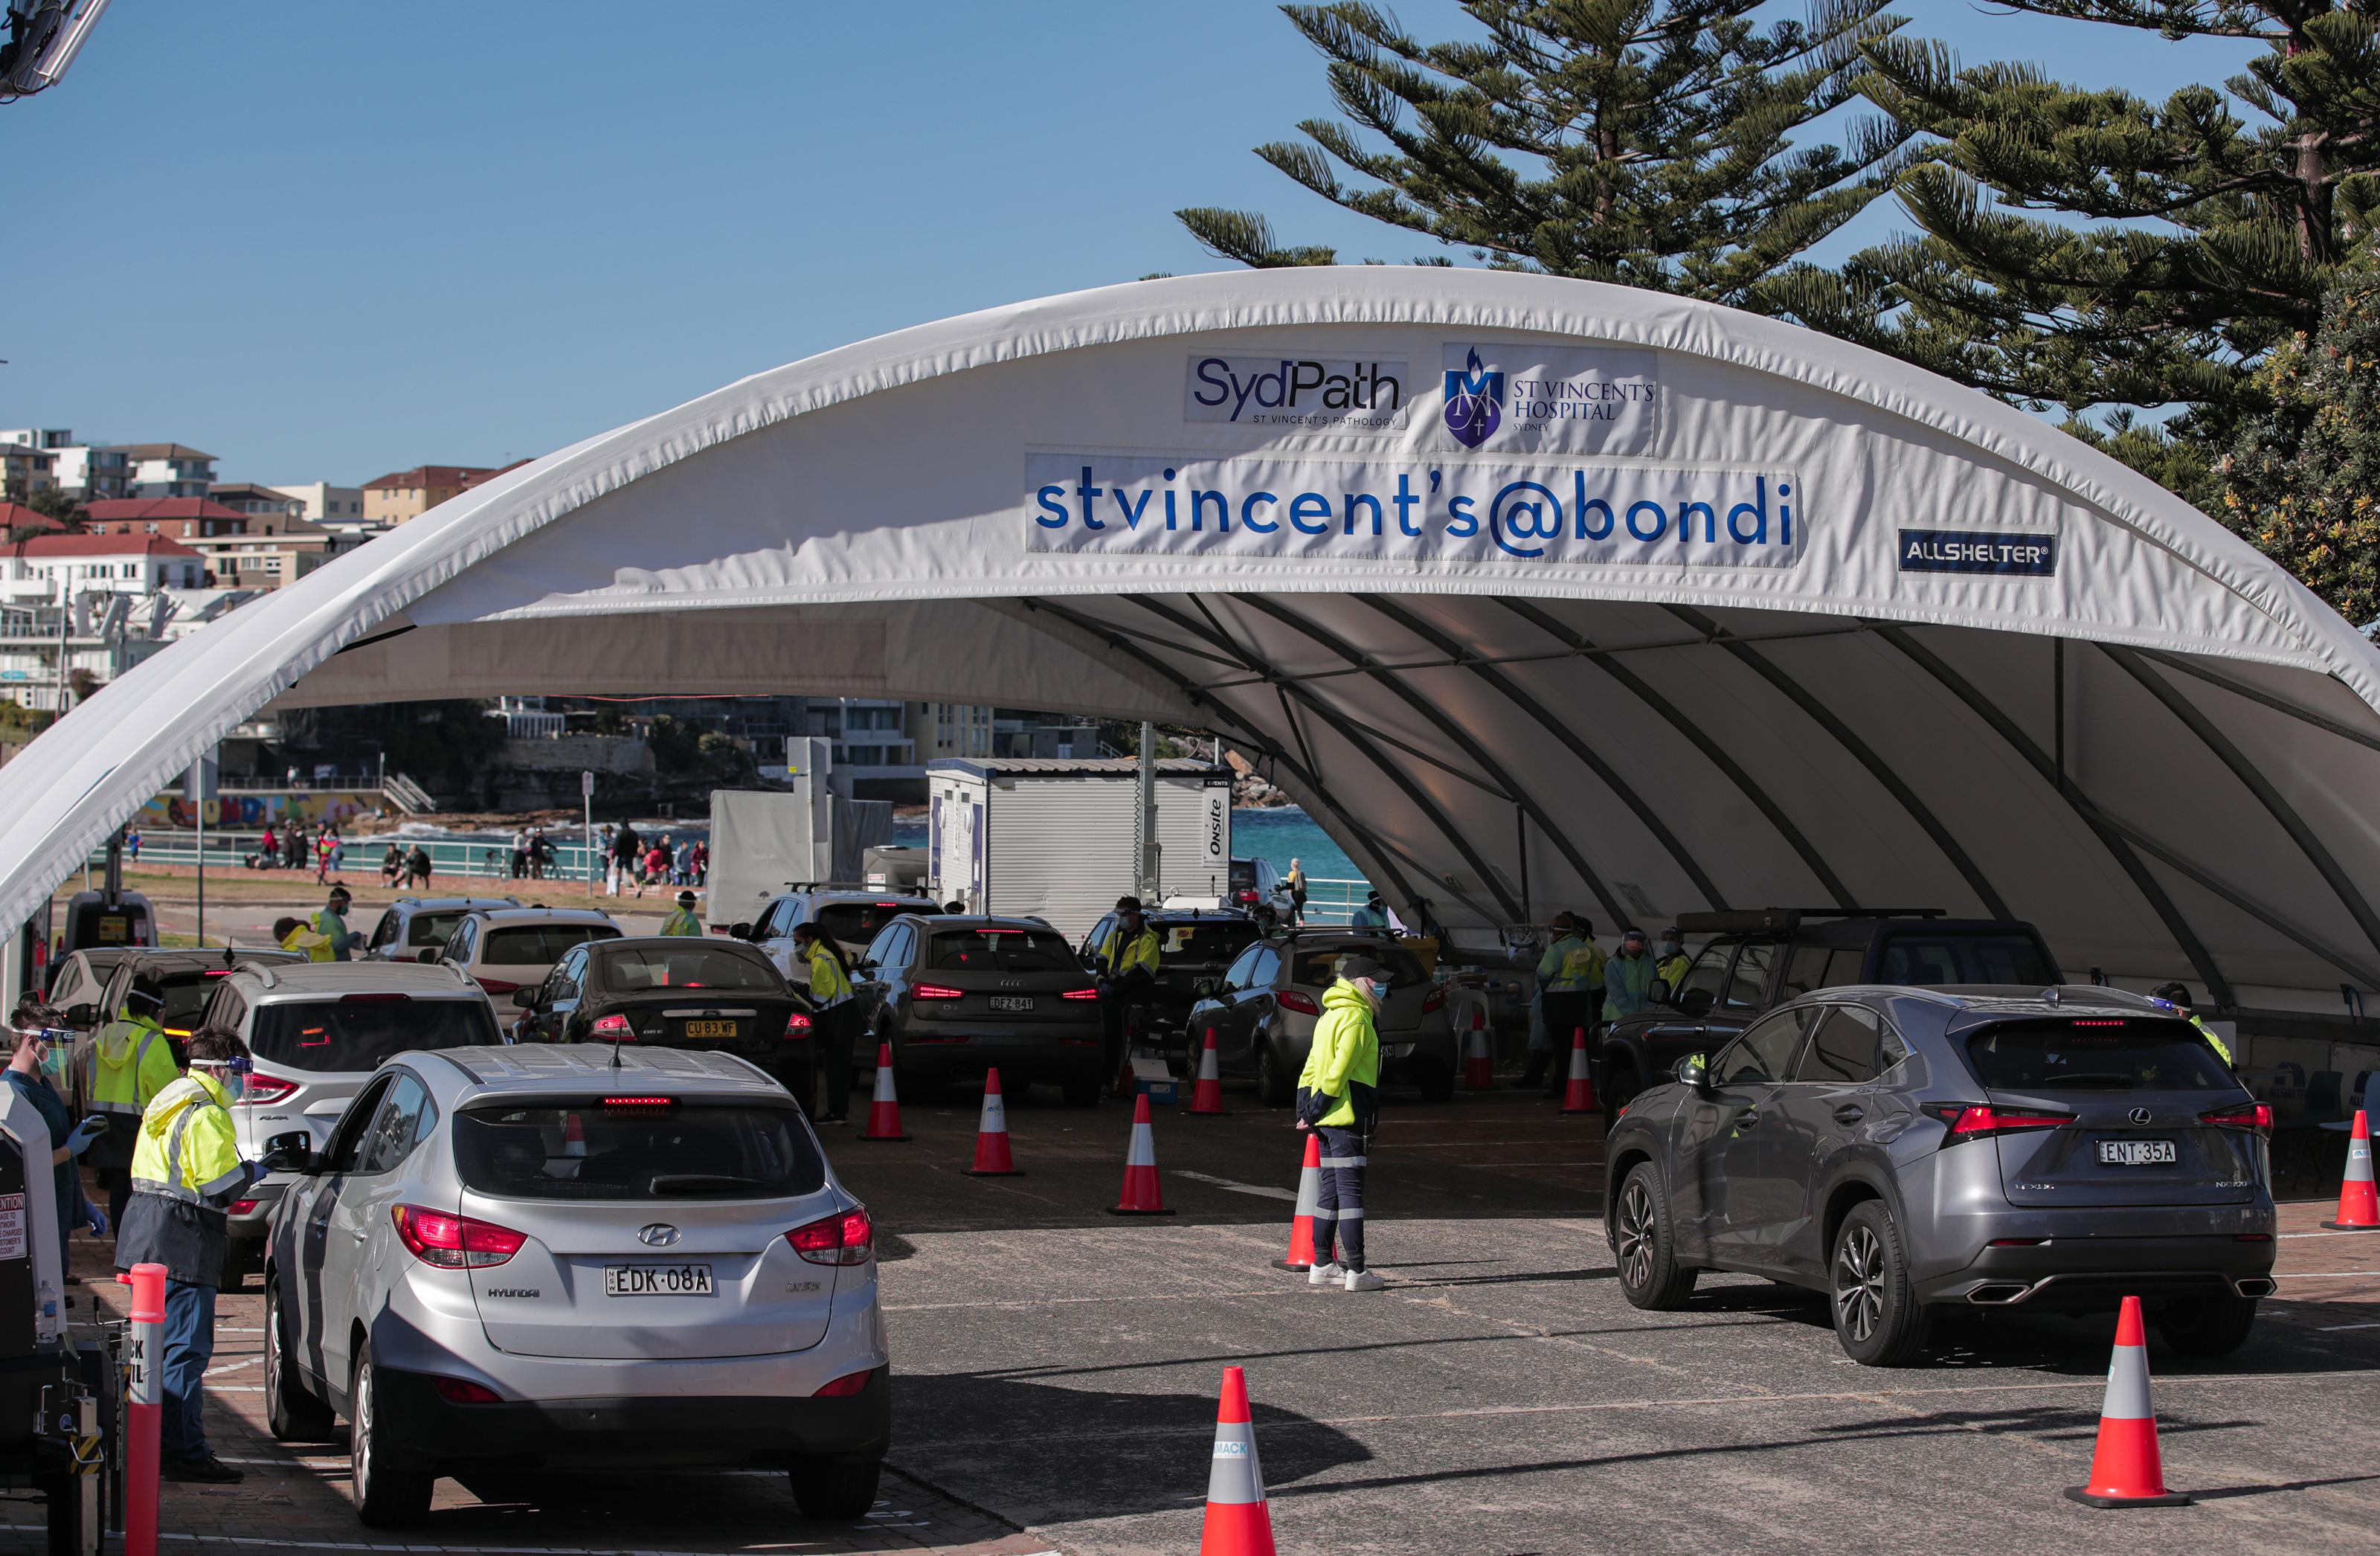 Полный локдаун в Сиднее из-за дельта-штамма коронавируса. Фоторепортаж